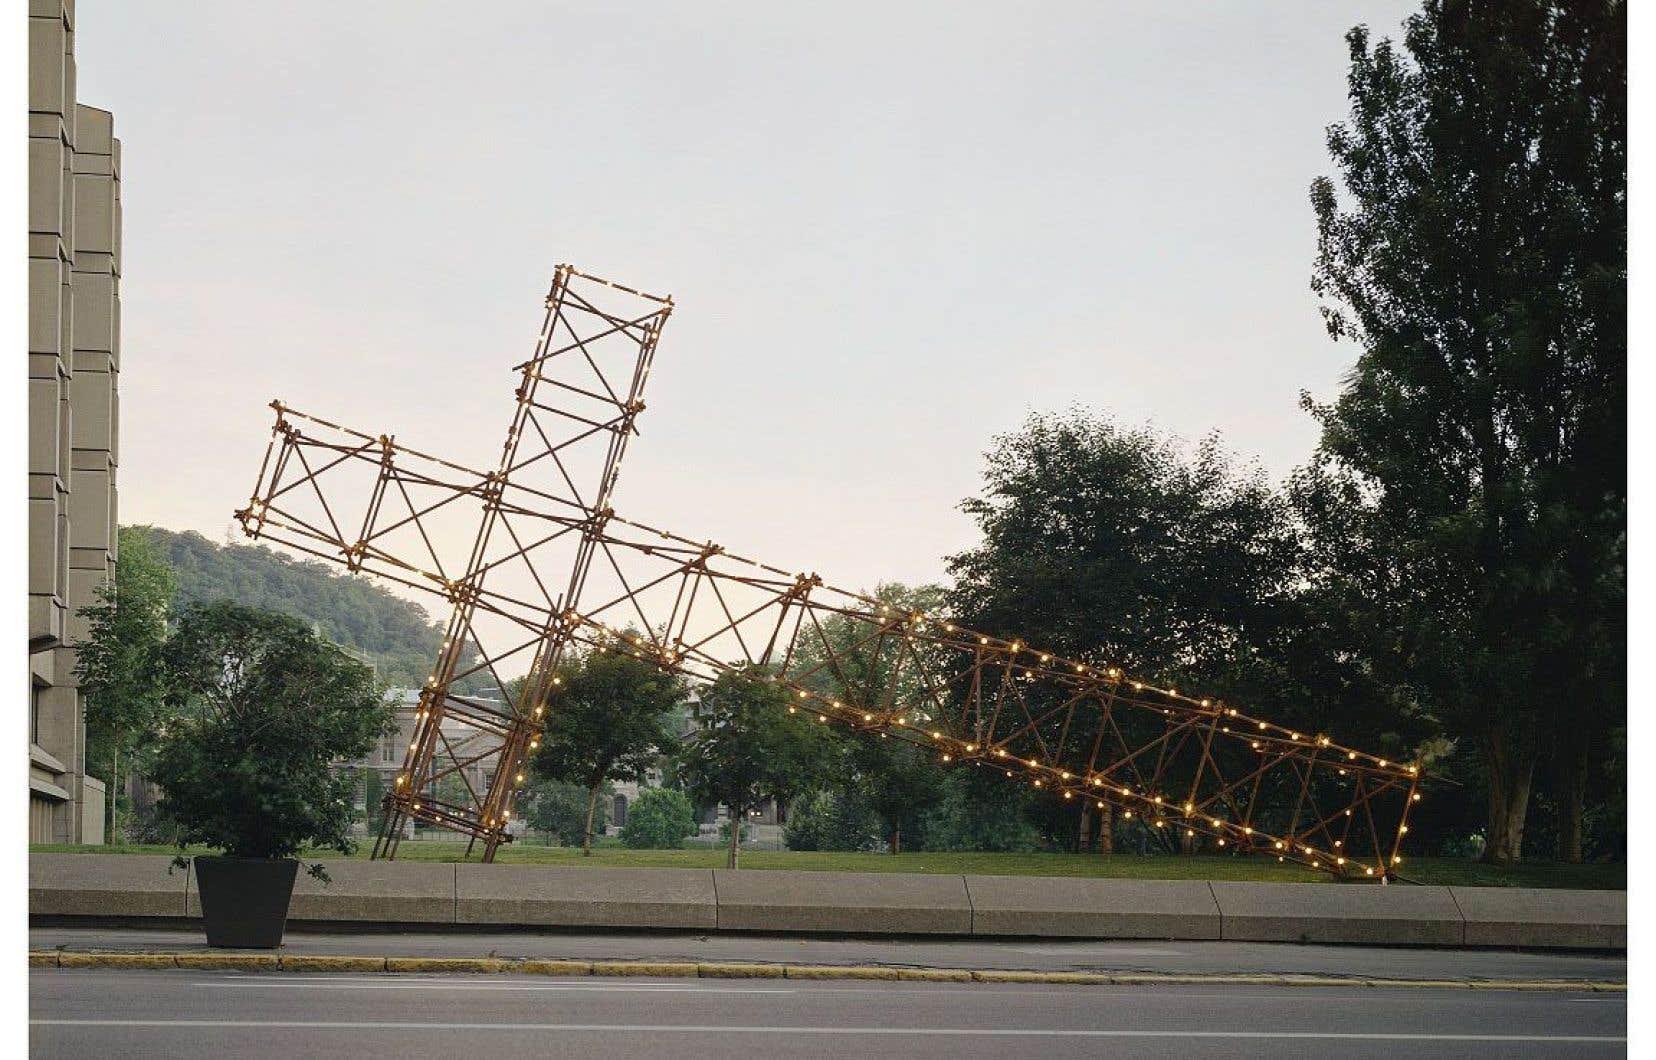 Pour la rétrospective de Pierre Ayot, une réplique de son œuvre «La croix du mont Royal» sera installée au pied de la montagne. Elle faisait partie de l'événement «Corridart» (1976) dont le controversé démantèlement est passé à l'histoire.